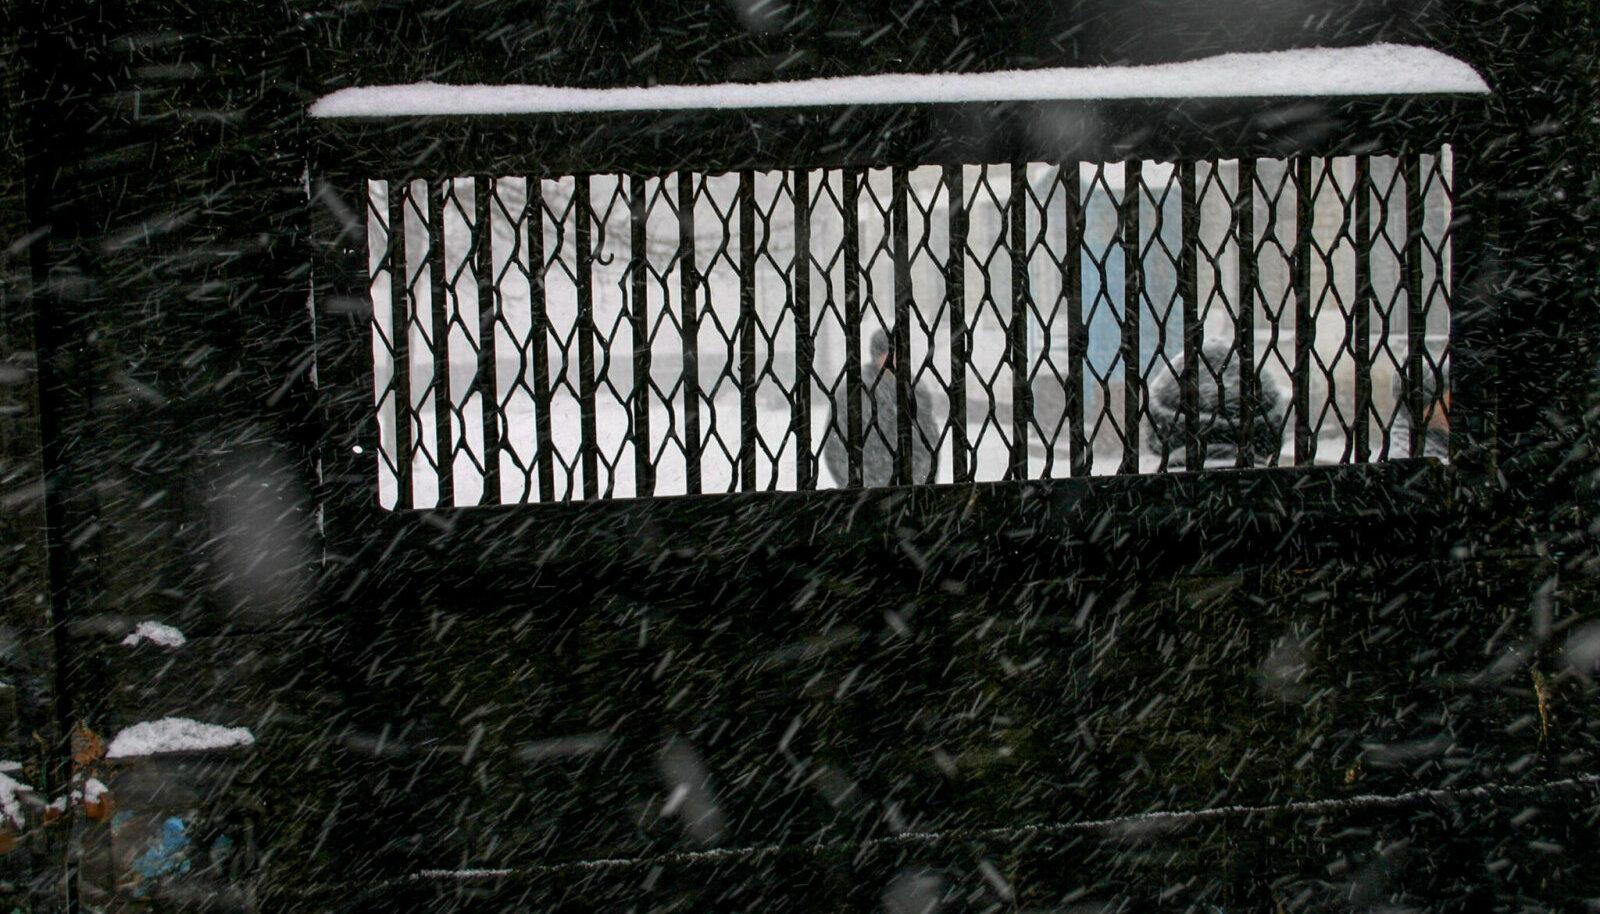 Ворота 124-й исправительной колонии строгого режима